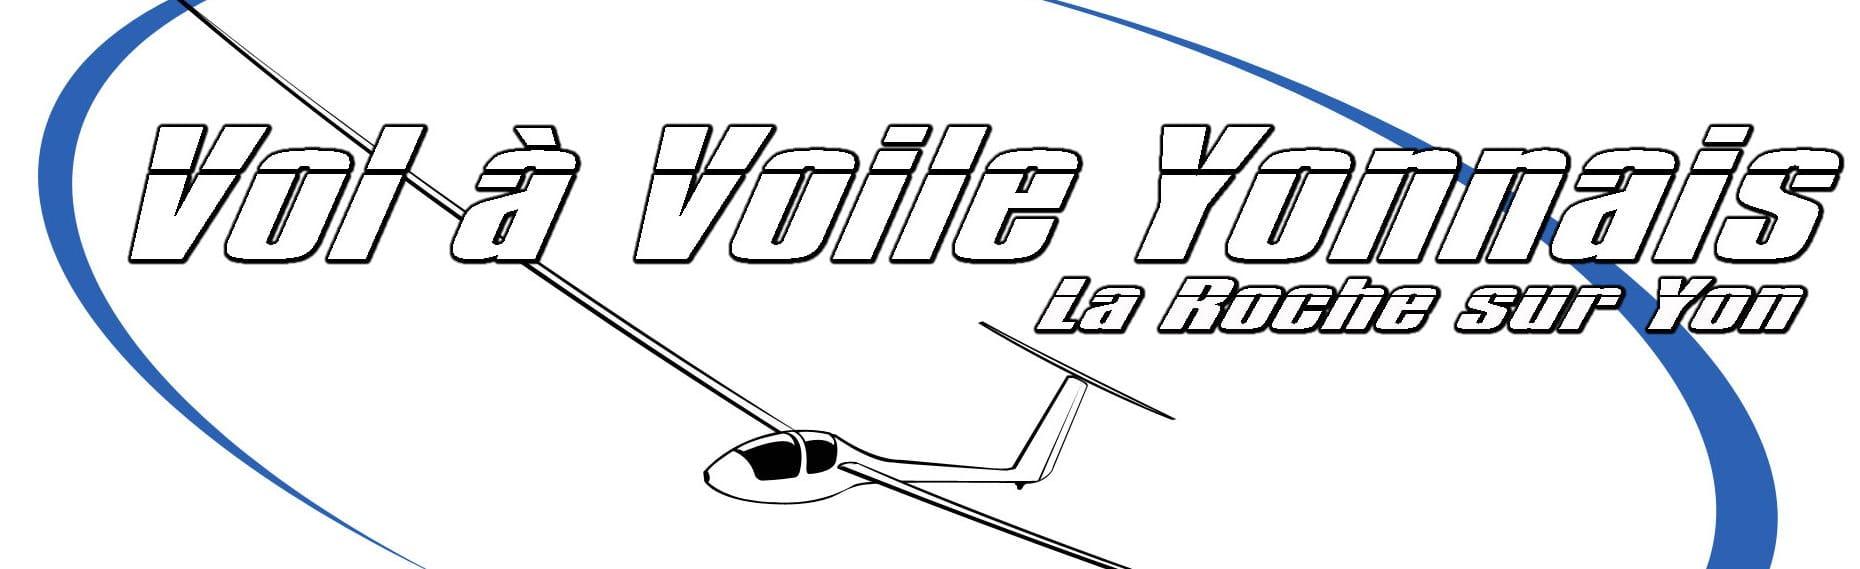 Vol à Voile Yonnais